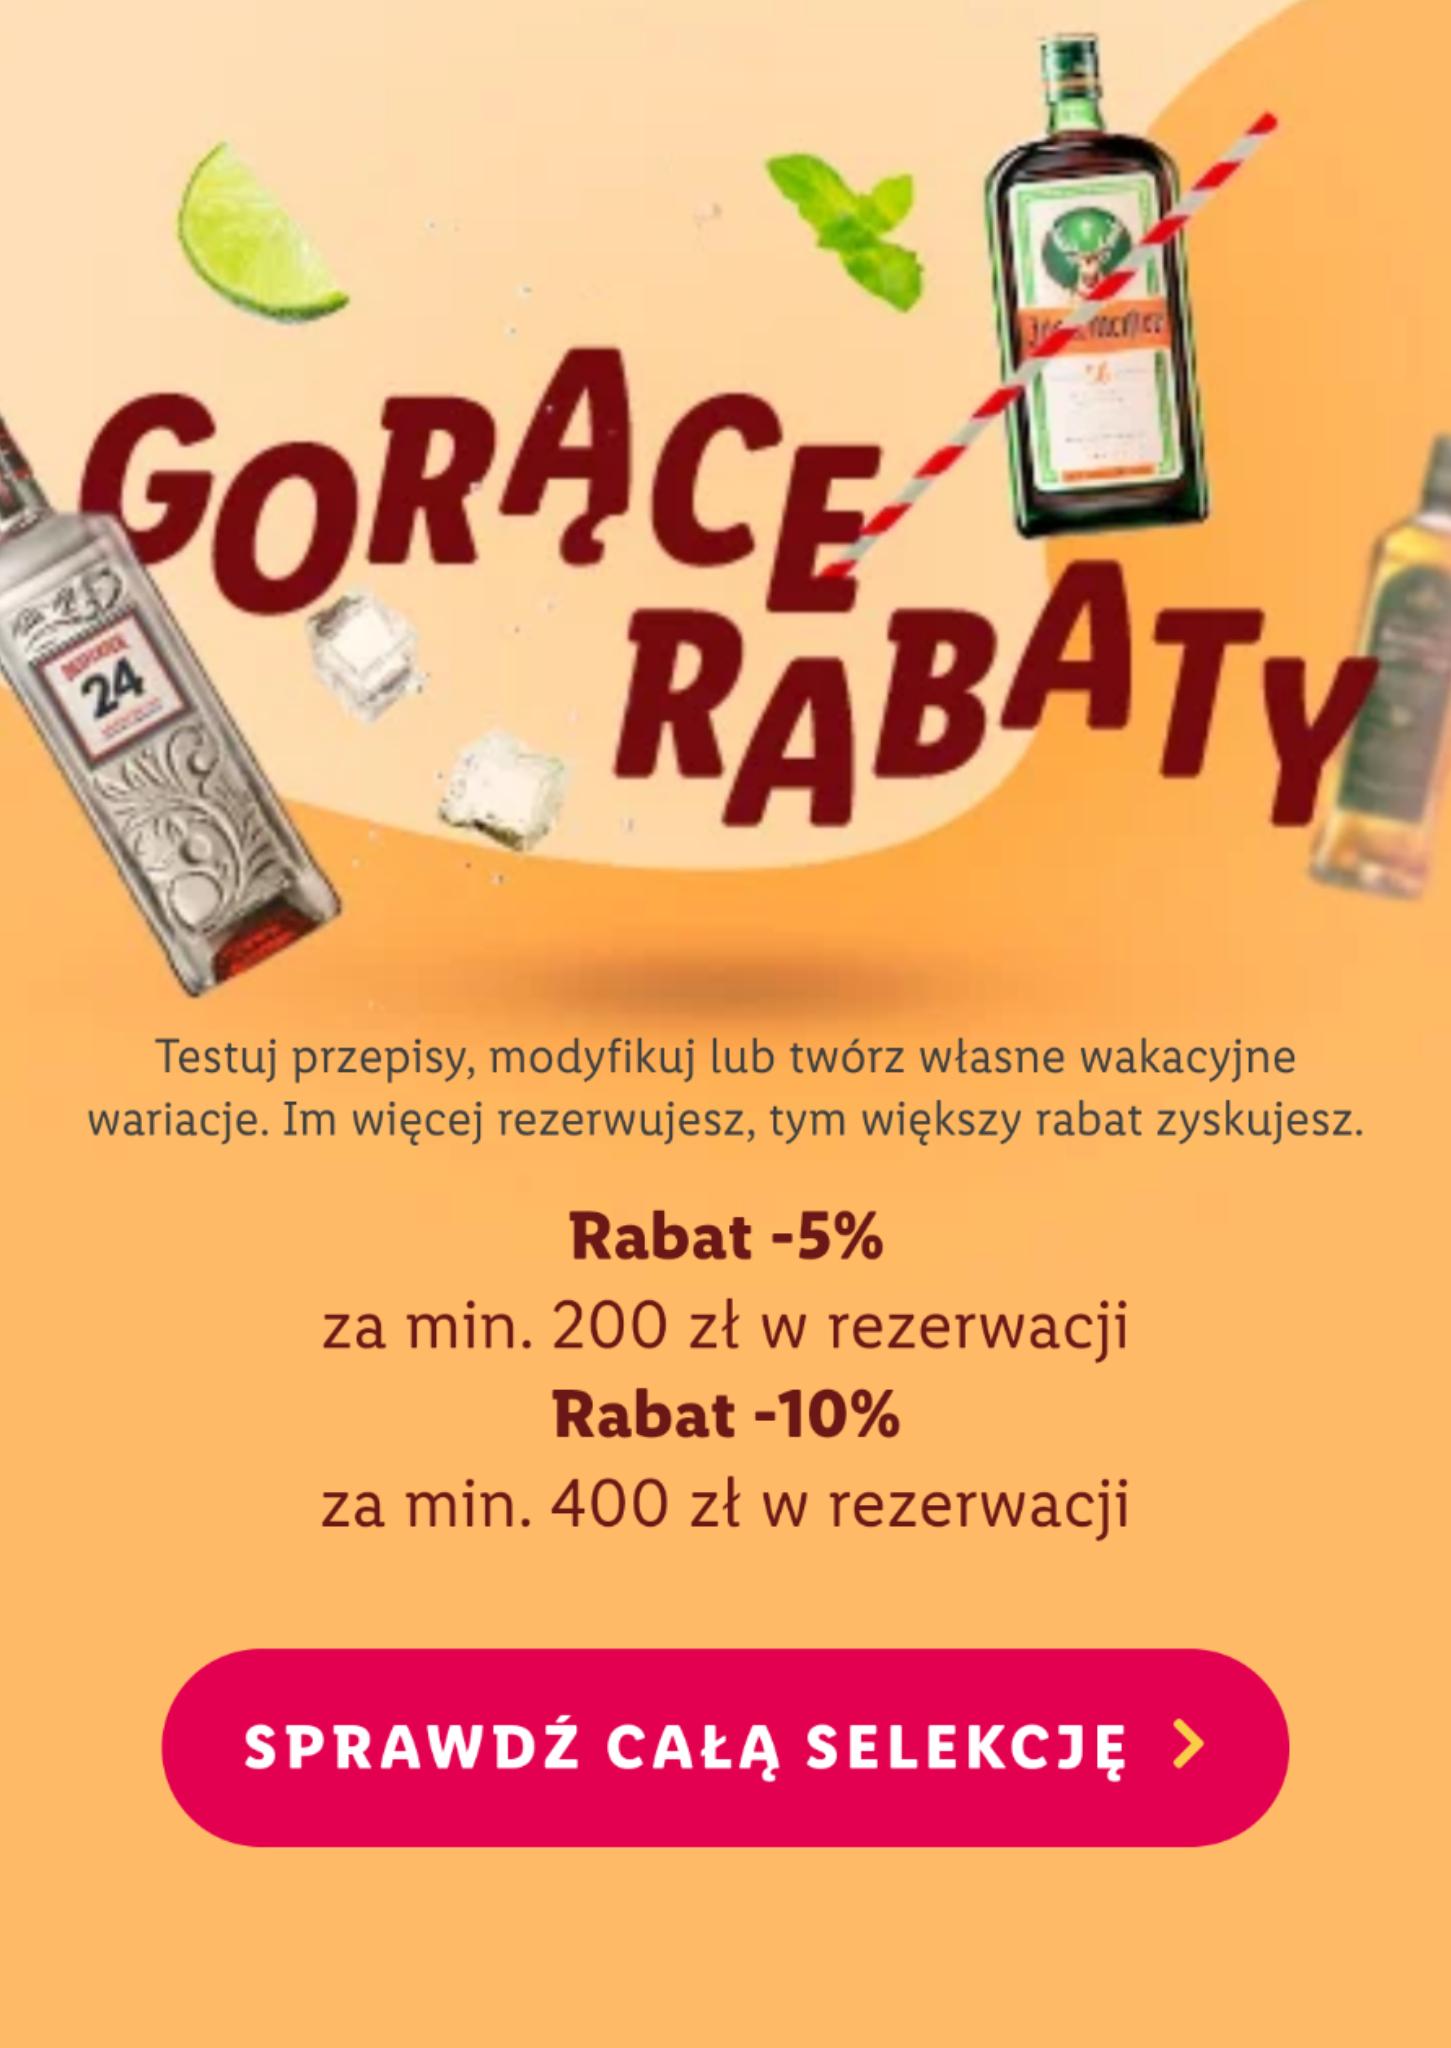 Smaki na lato / dodatkowy rabat na zamówienia powyżej 200/400 zł / Winnica Lidla